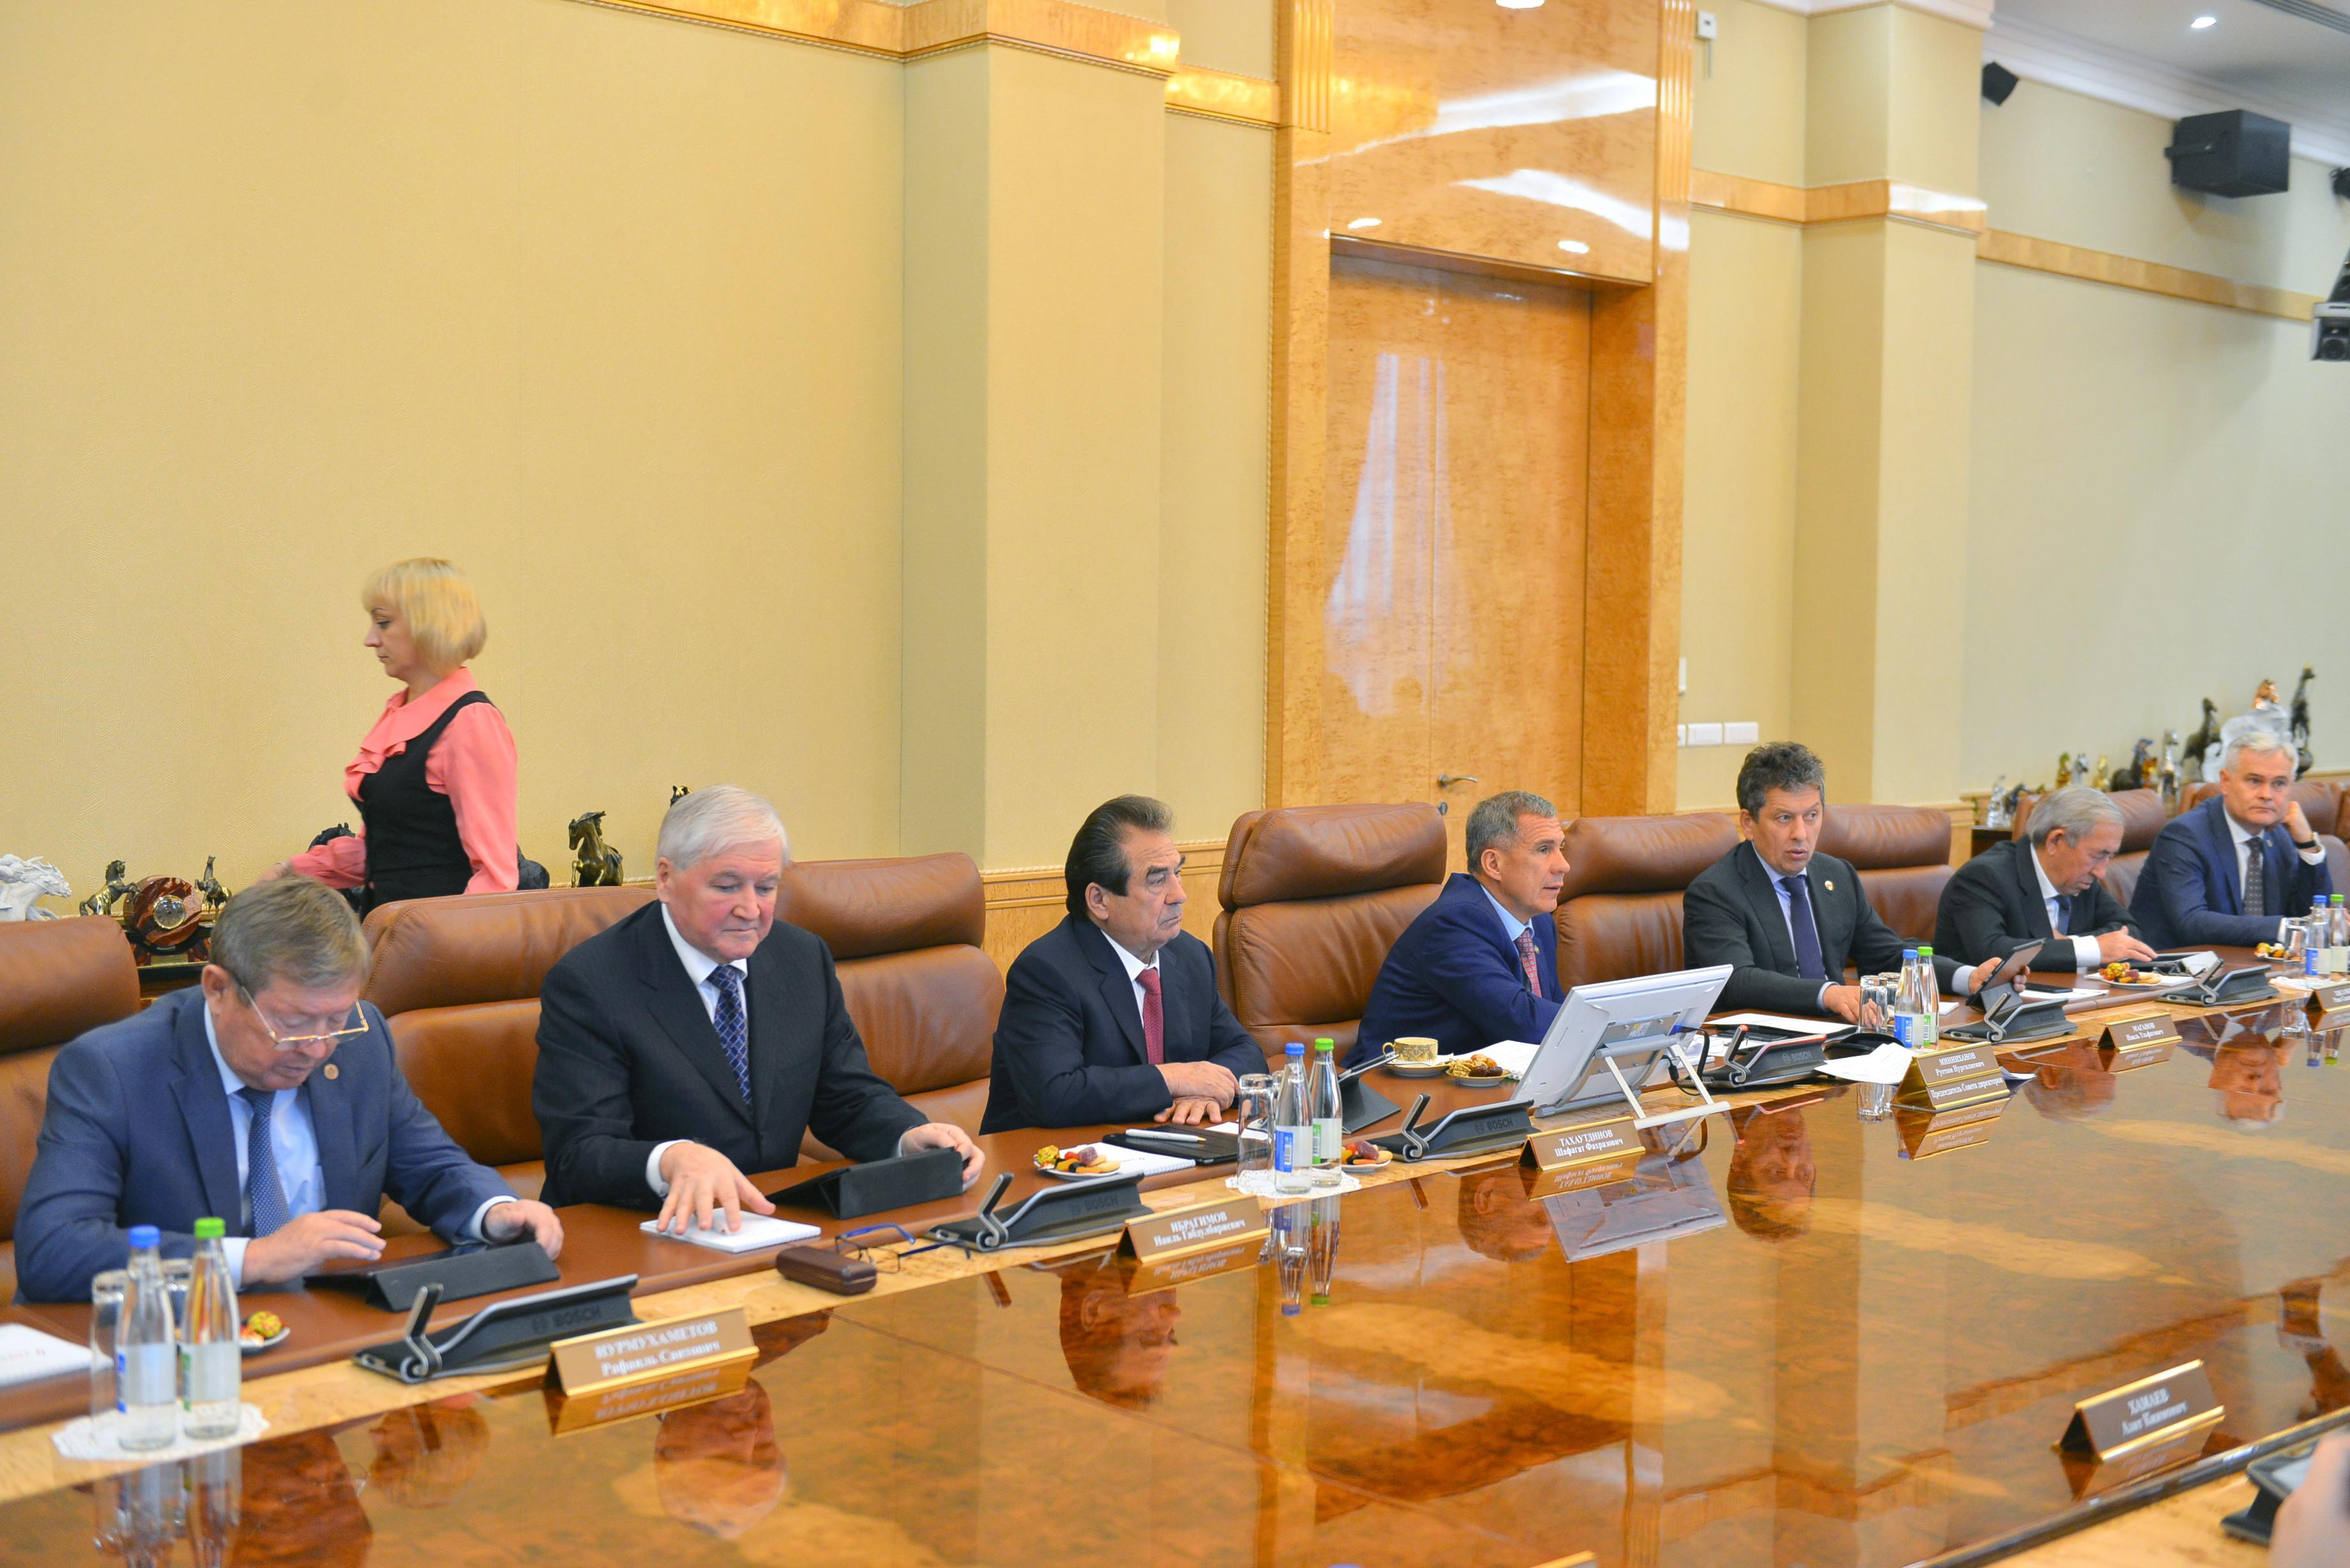 Совет директоров ПАО «Татнефть» обсудил стратегию развития шинного бизнеса